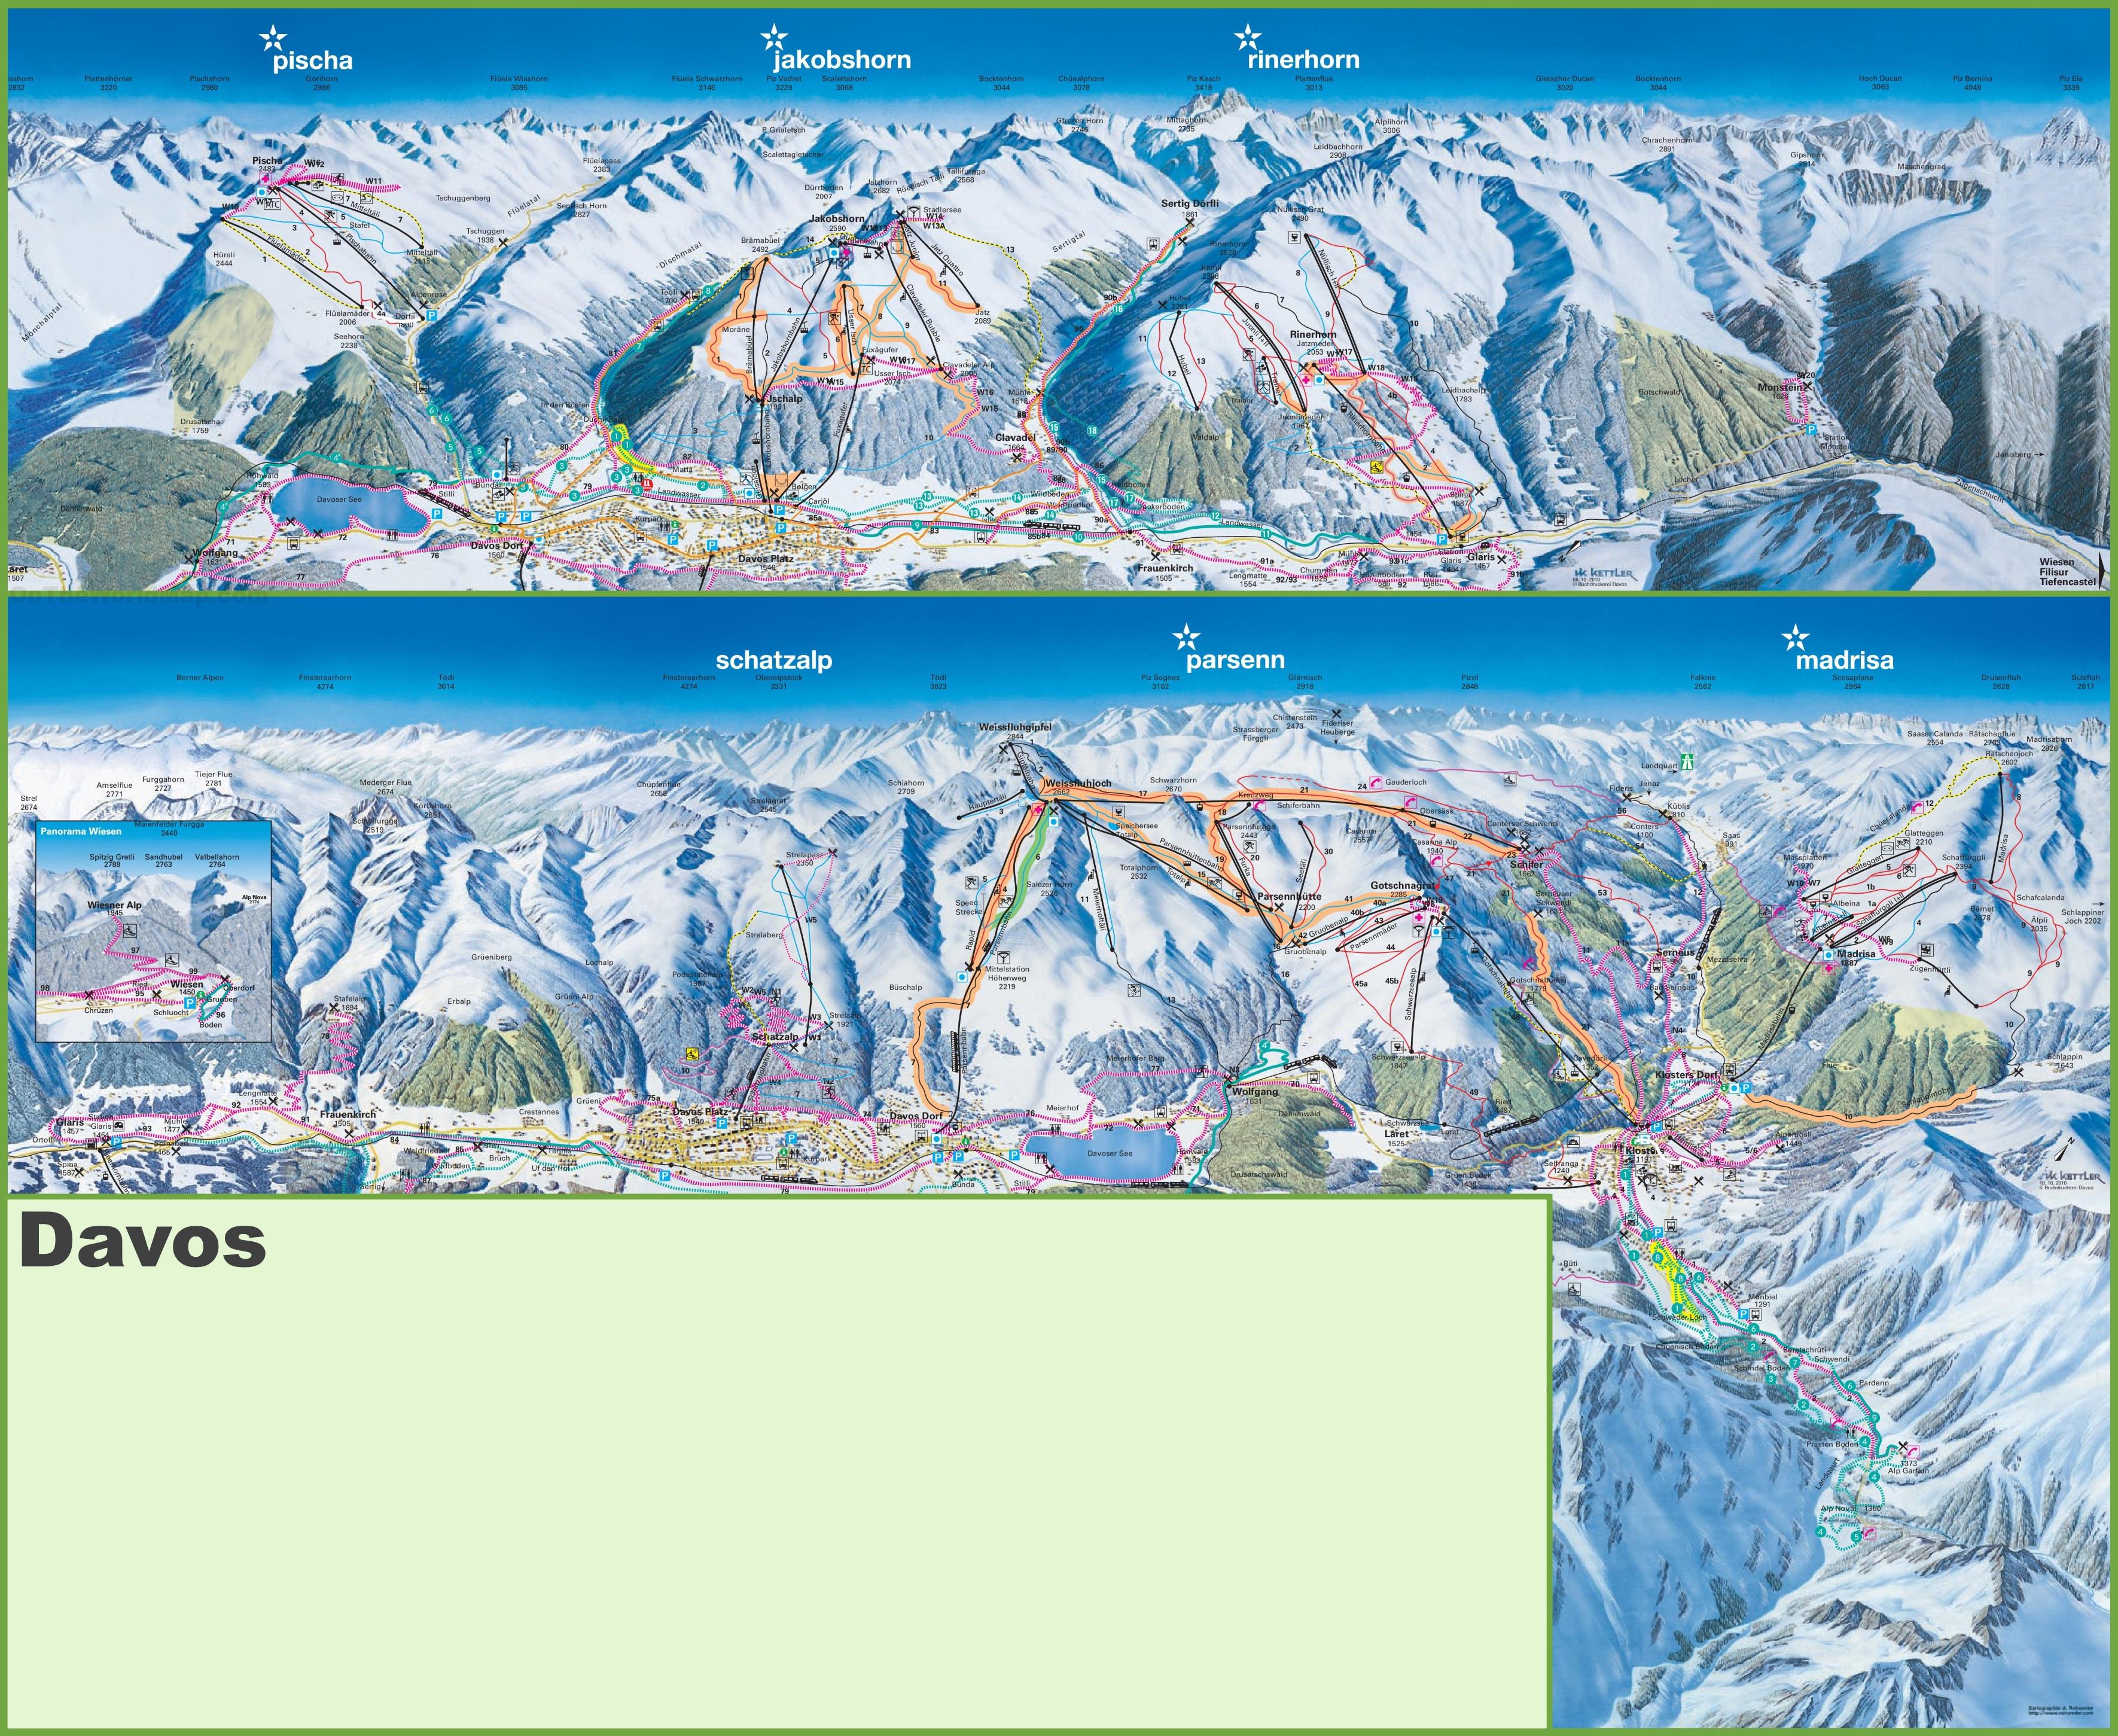 Davos Ski Resorts Map